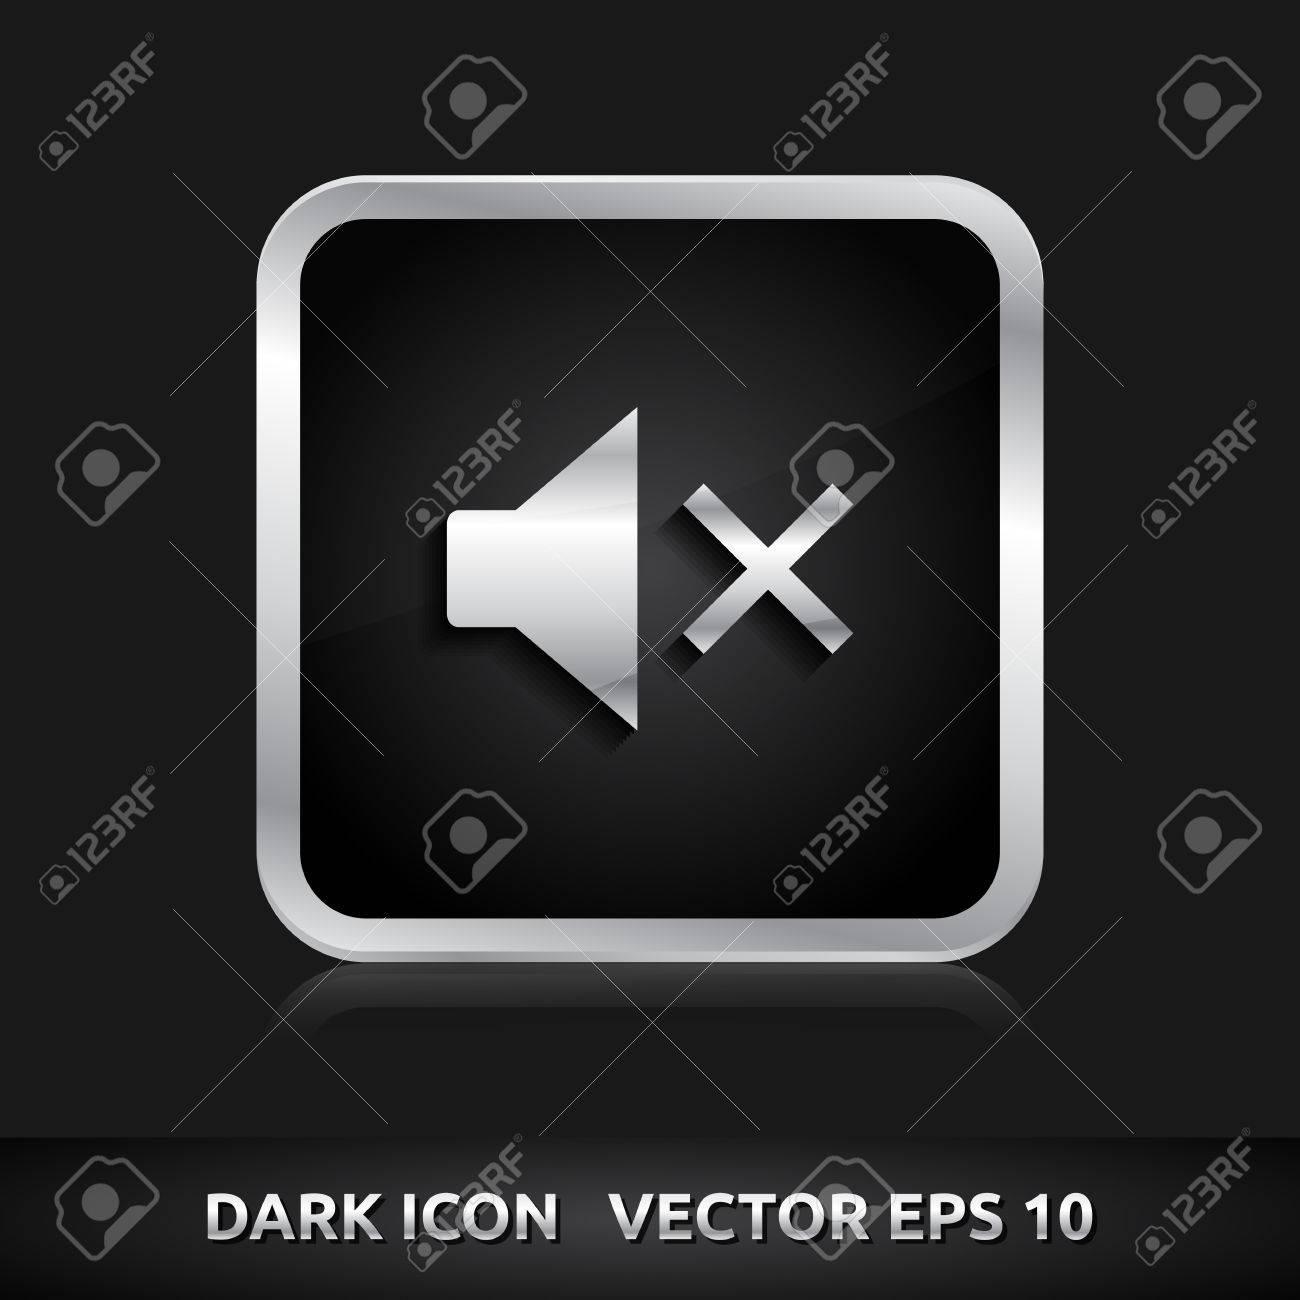 Uberlegen Standard Bild   Ton Aus Stummschaltungssymbol | Farbe Dunkel Schwarz Silber  Metall Grau Weiß